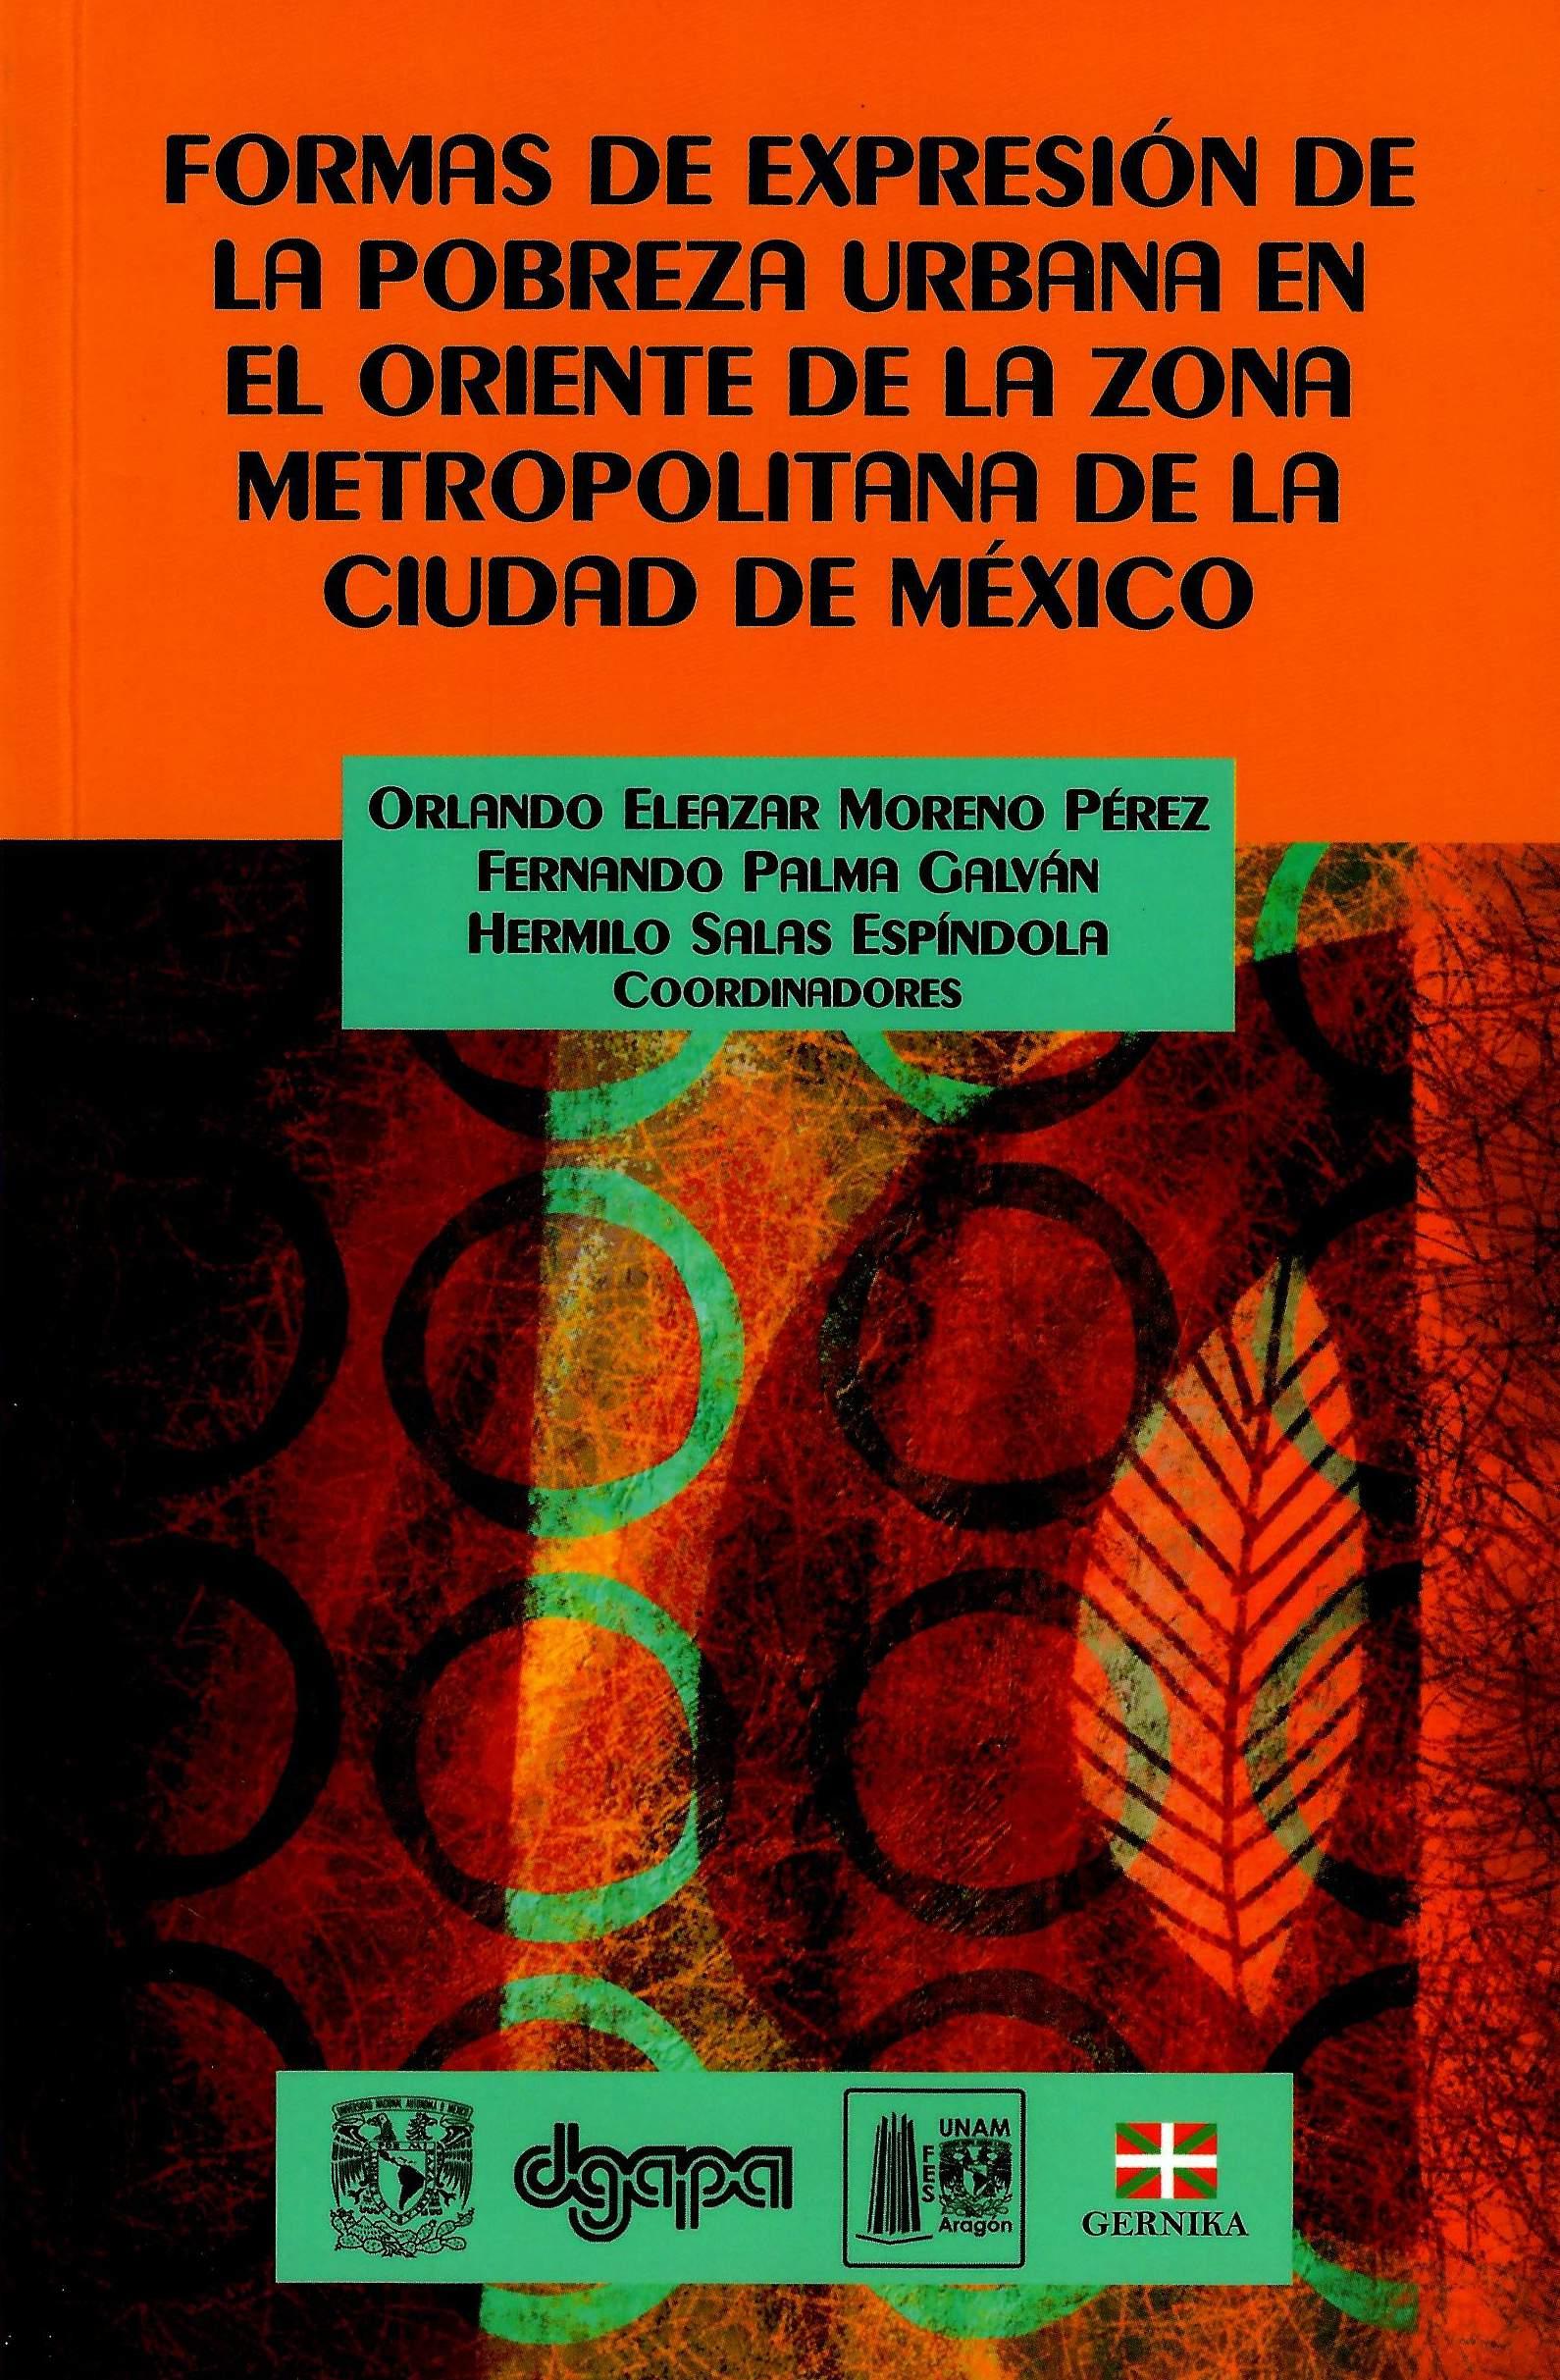 Formas de expresión de la pobreza urbana en el oriente de la zona metropolitana de la